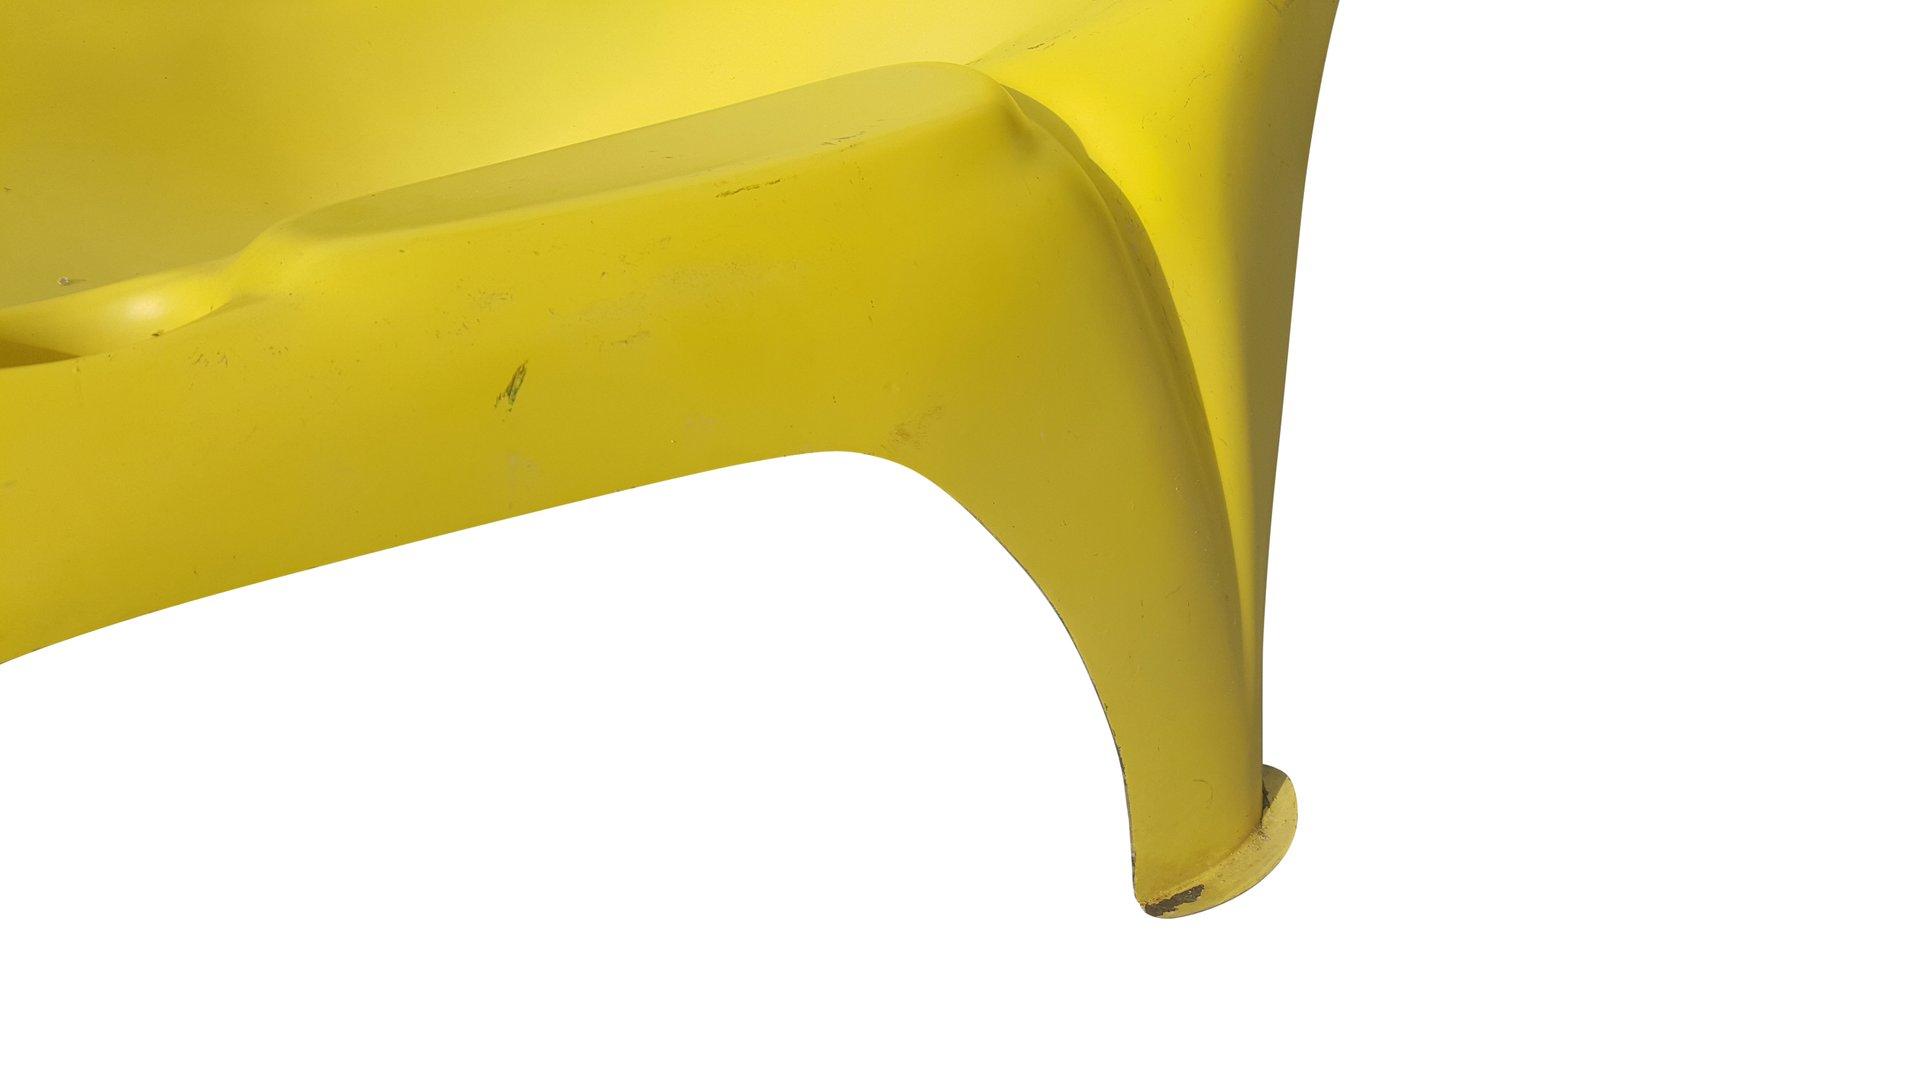 Chaise longue de piscine mid century moderne jaune en for Chaise longue de piscine